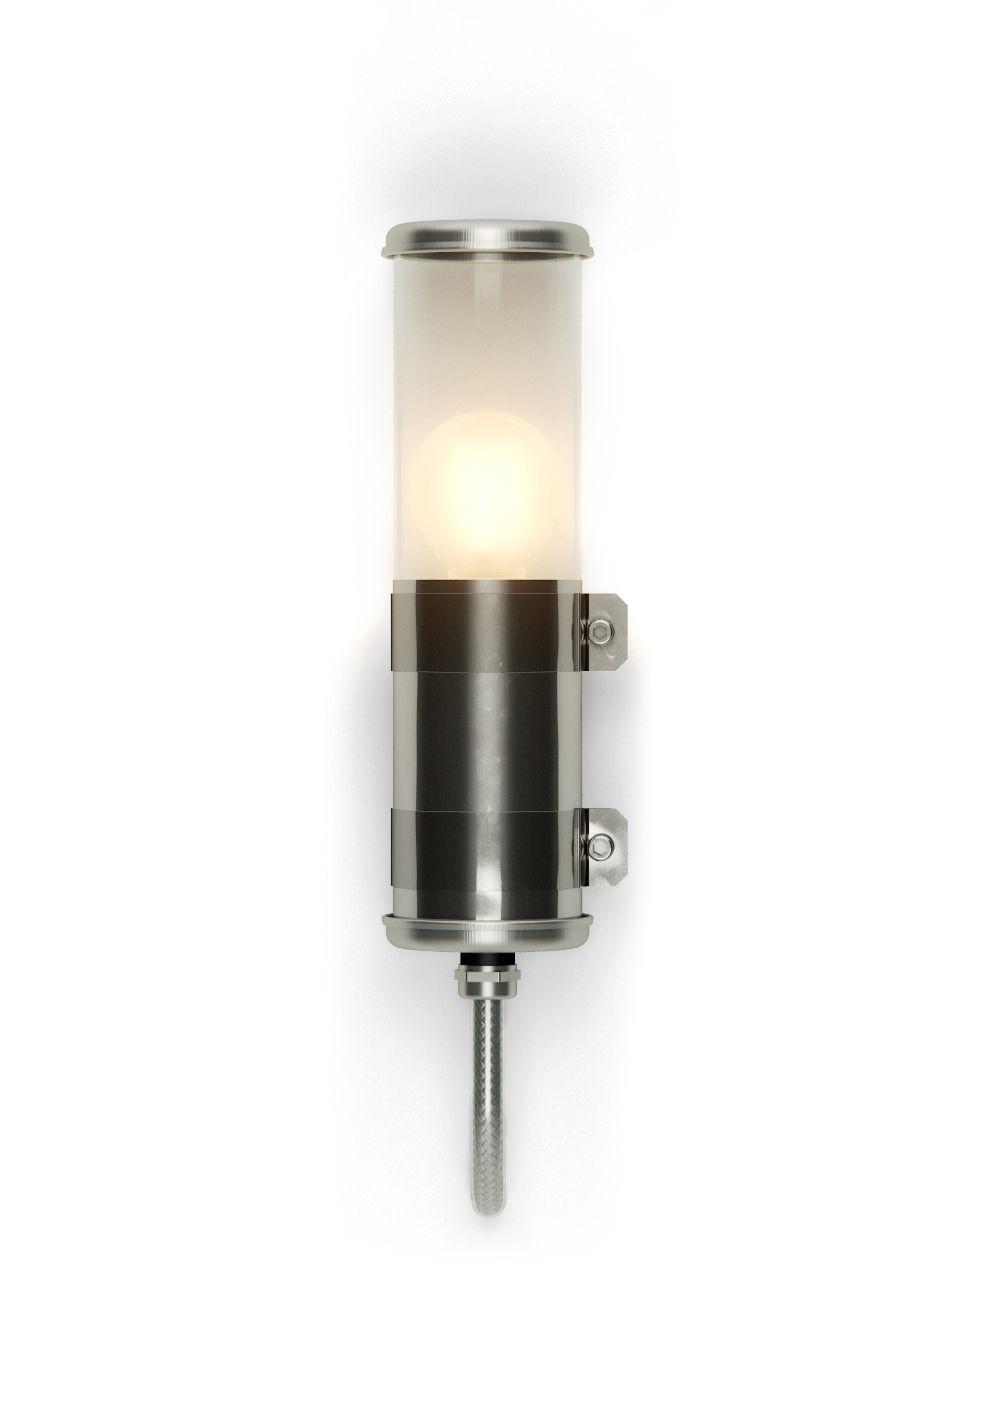 Luminaire - Appliques - Applique Bendz / H 30cm - Transparent - SAMMODE STUDIO - Acier - Acier inoxydable, Polycarbonate